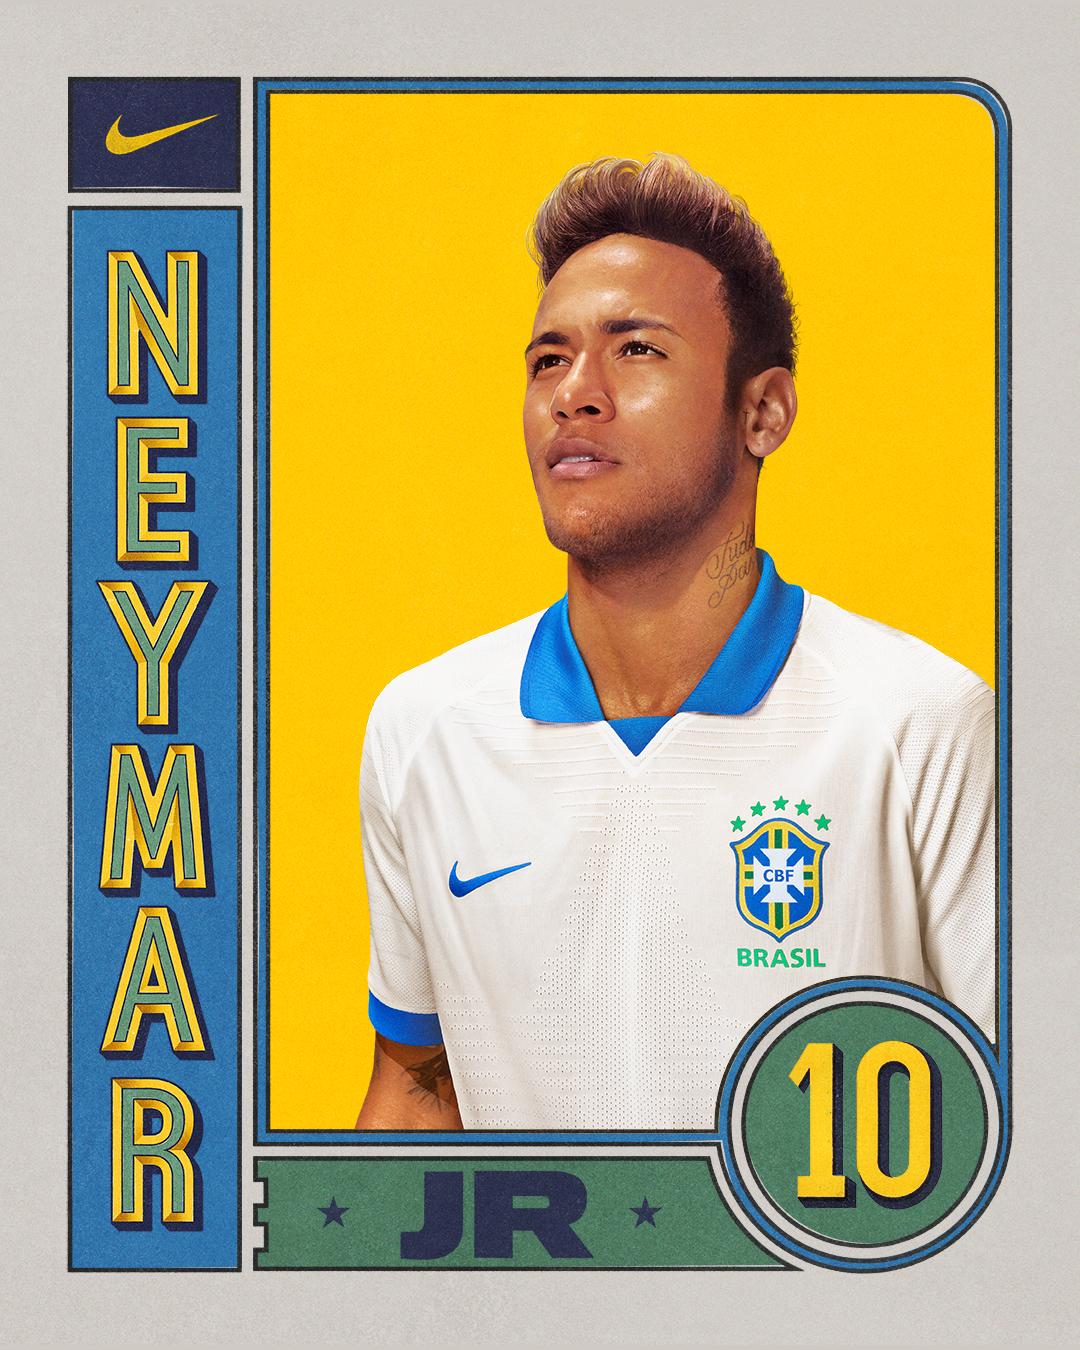 7dcfd81b0 Novo uniforme da Seleção Brasileira é inspirado em centenário da Copa  América